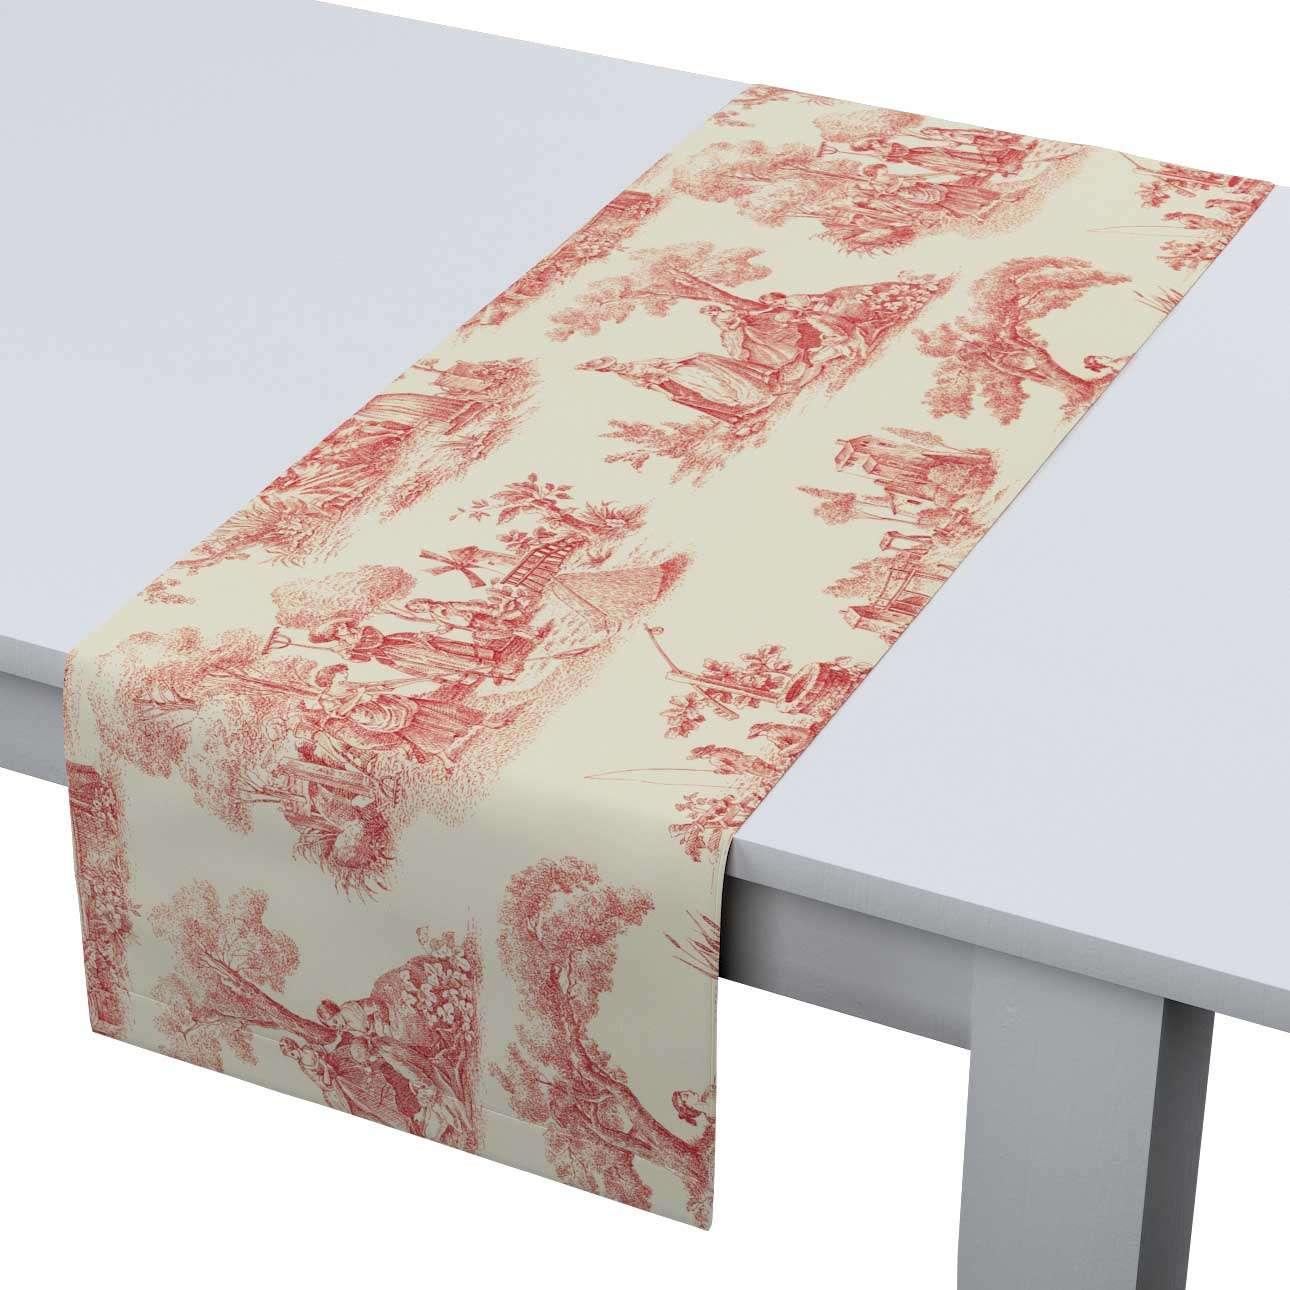 Bieżnik prostokątny 40x130 cm w kolekcji Avinon, tkanina: 132-15